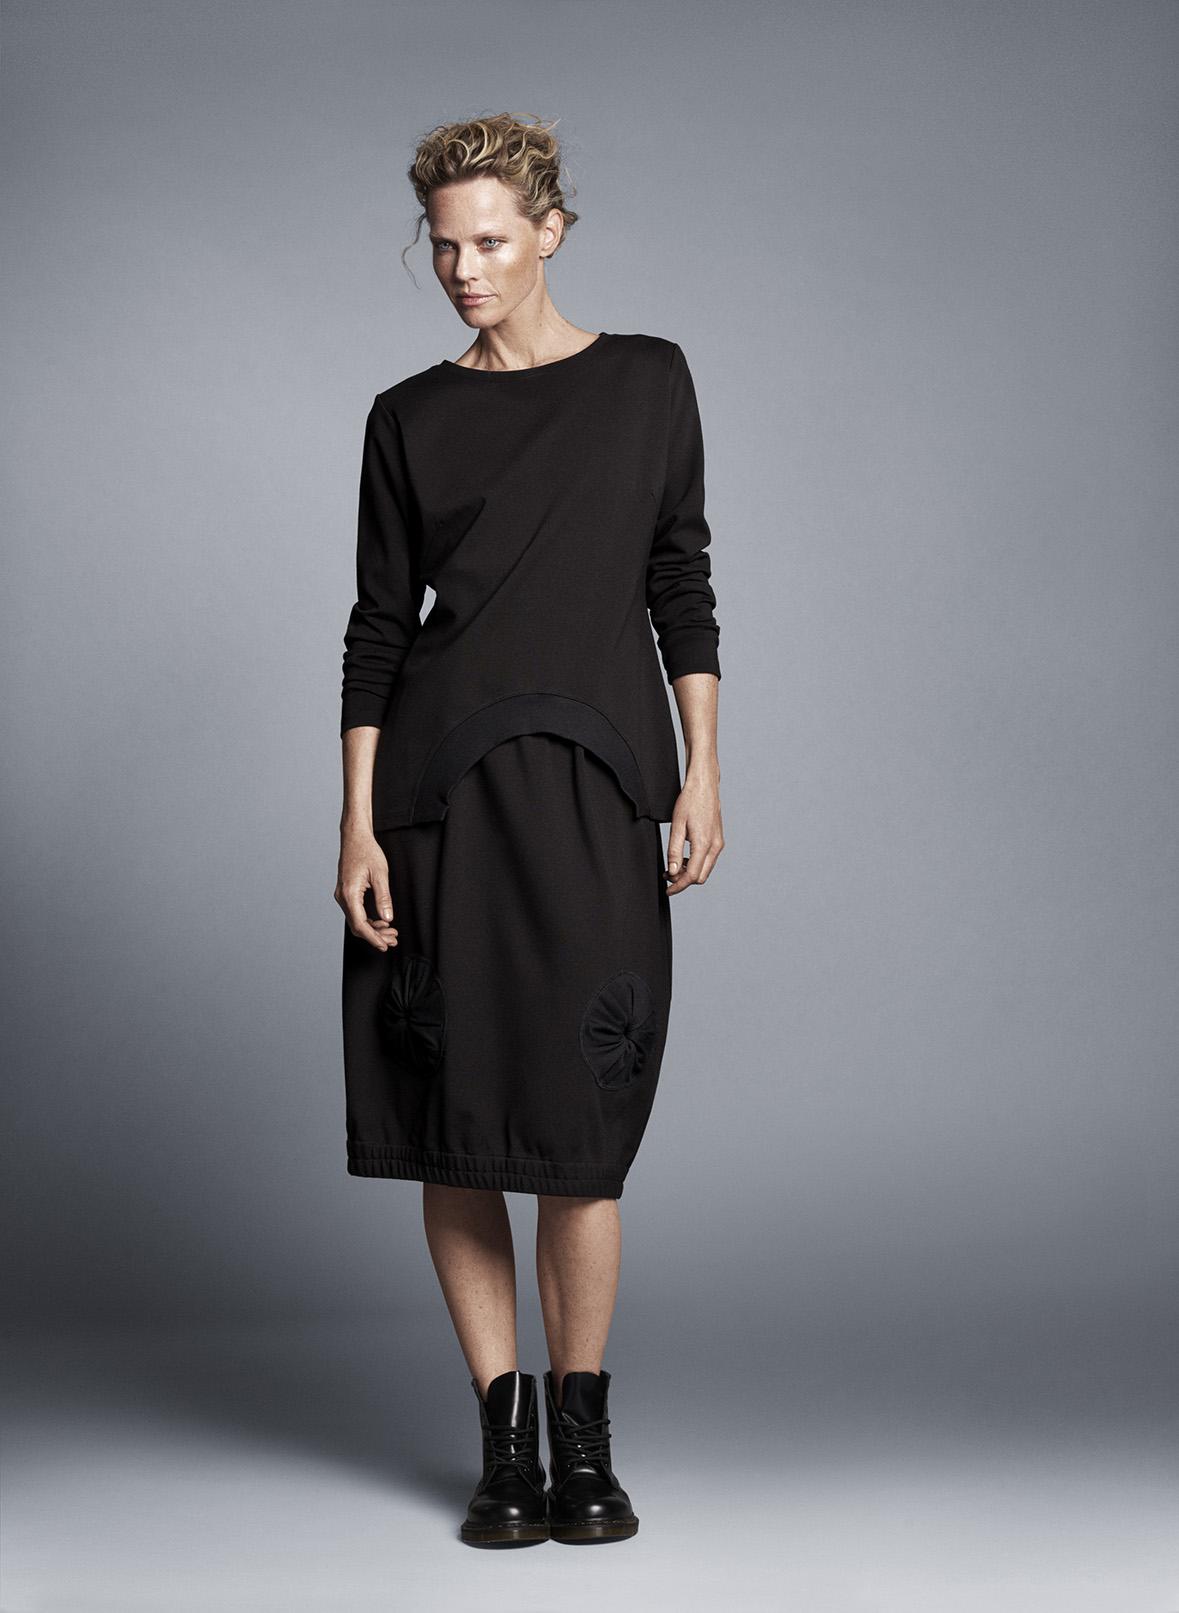 formal black